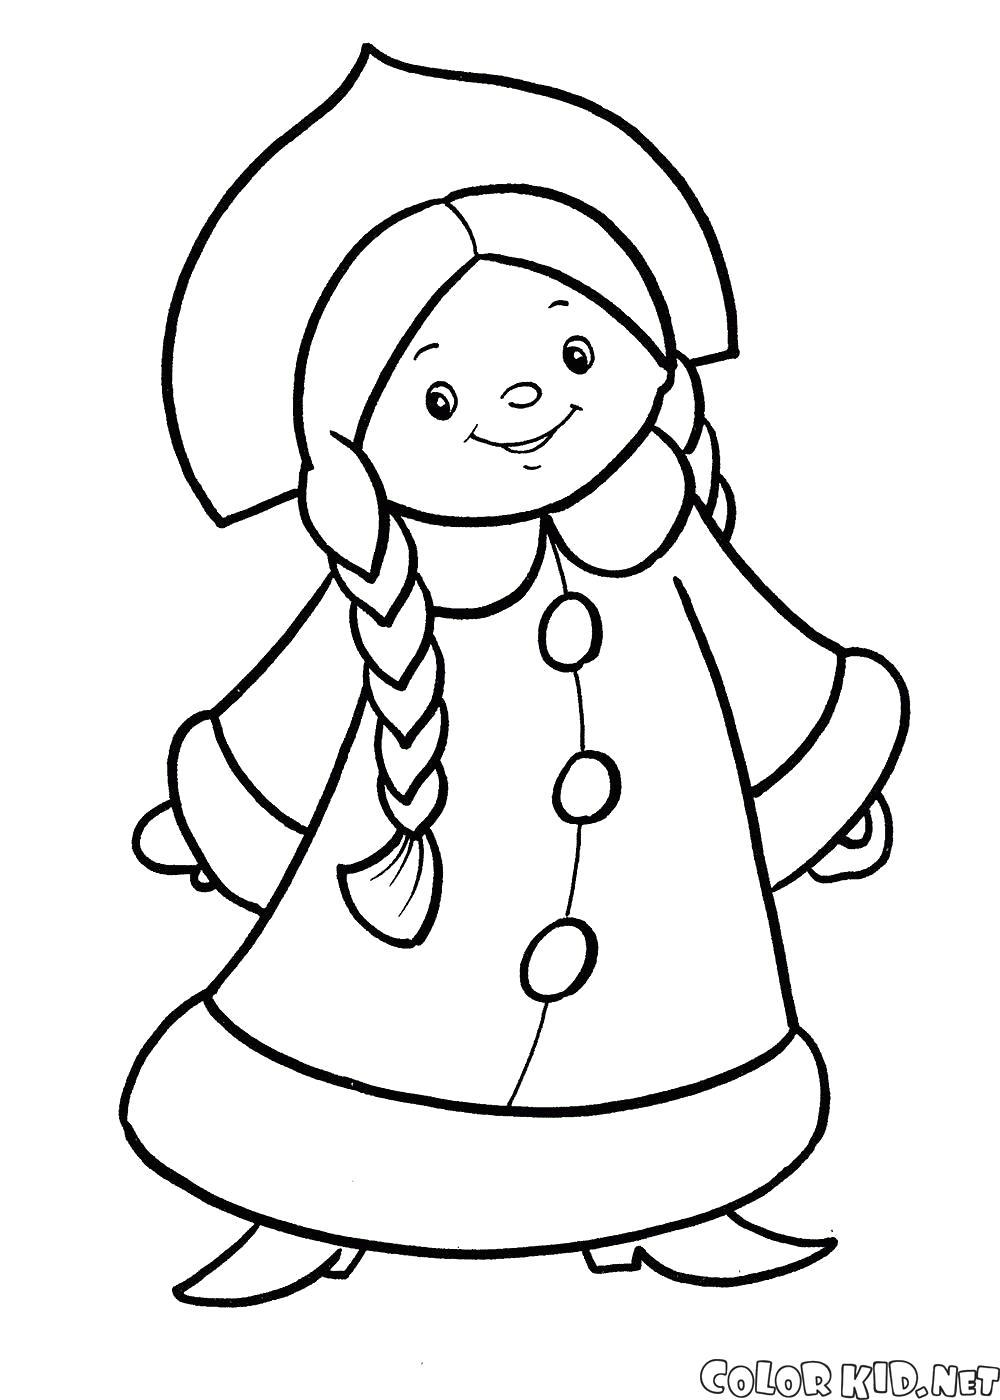 Раскраска Новогодний костюм снегурочки. Скачать костюм.  Распечатать костюм